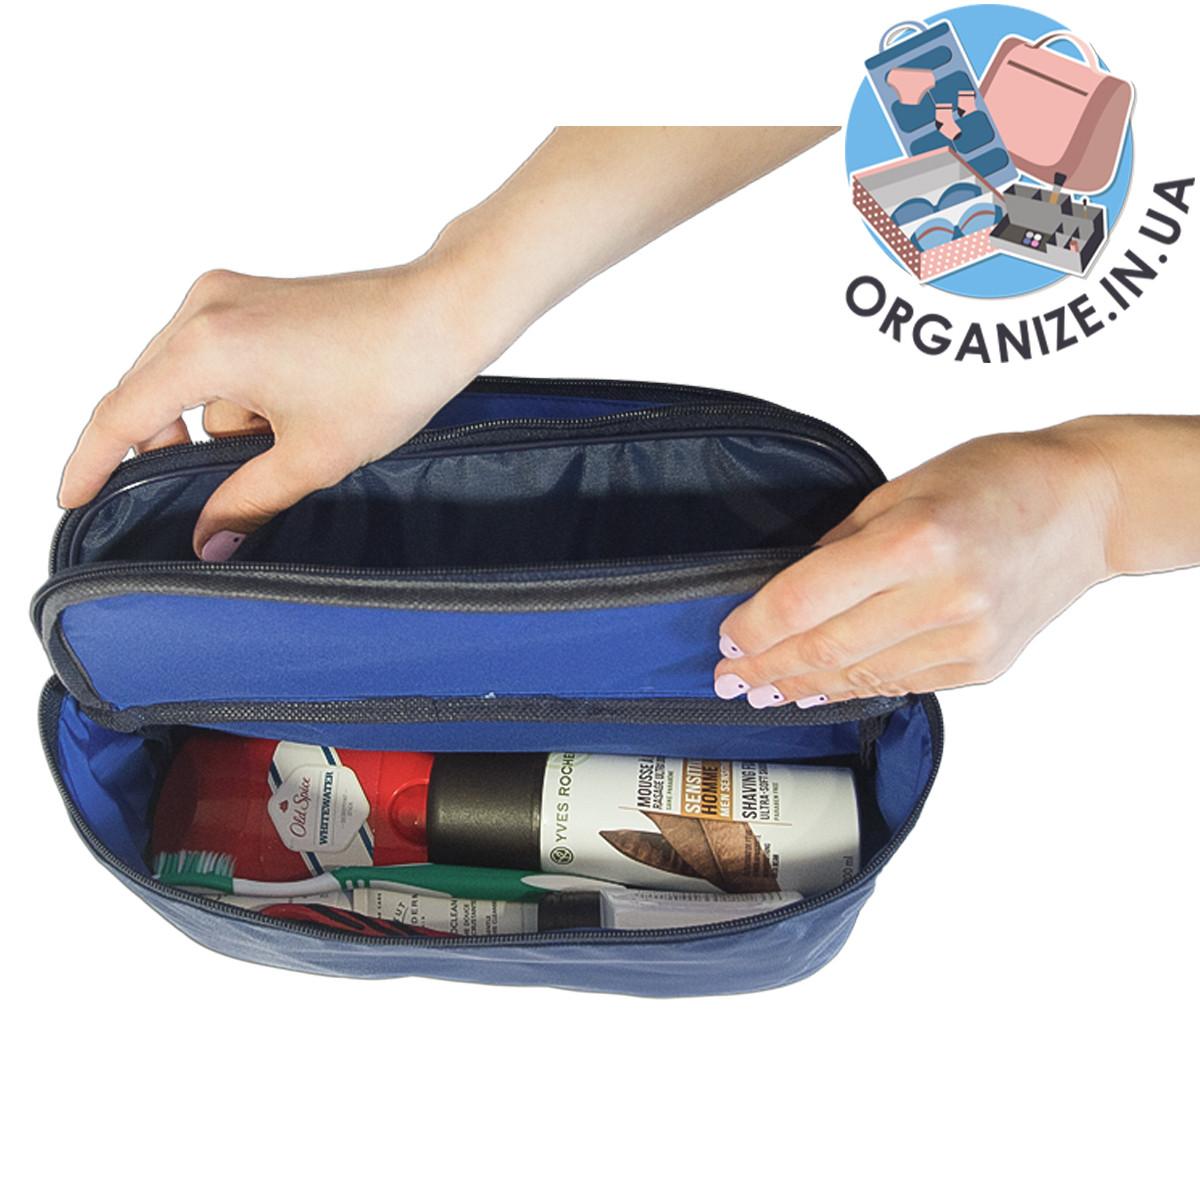 Мужской органайзер-косметичка на два отделения ORGANIZE (синий)